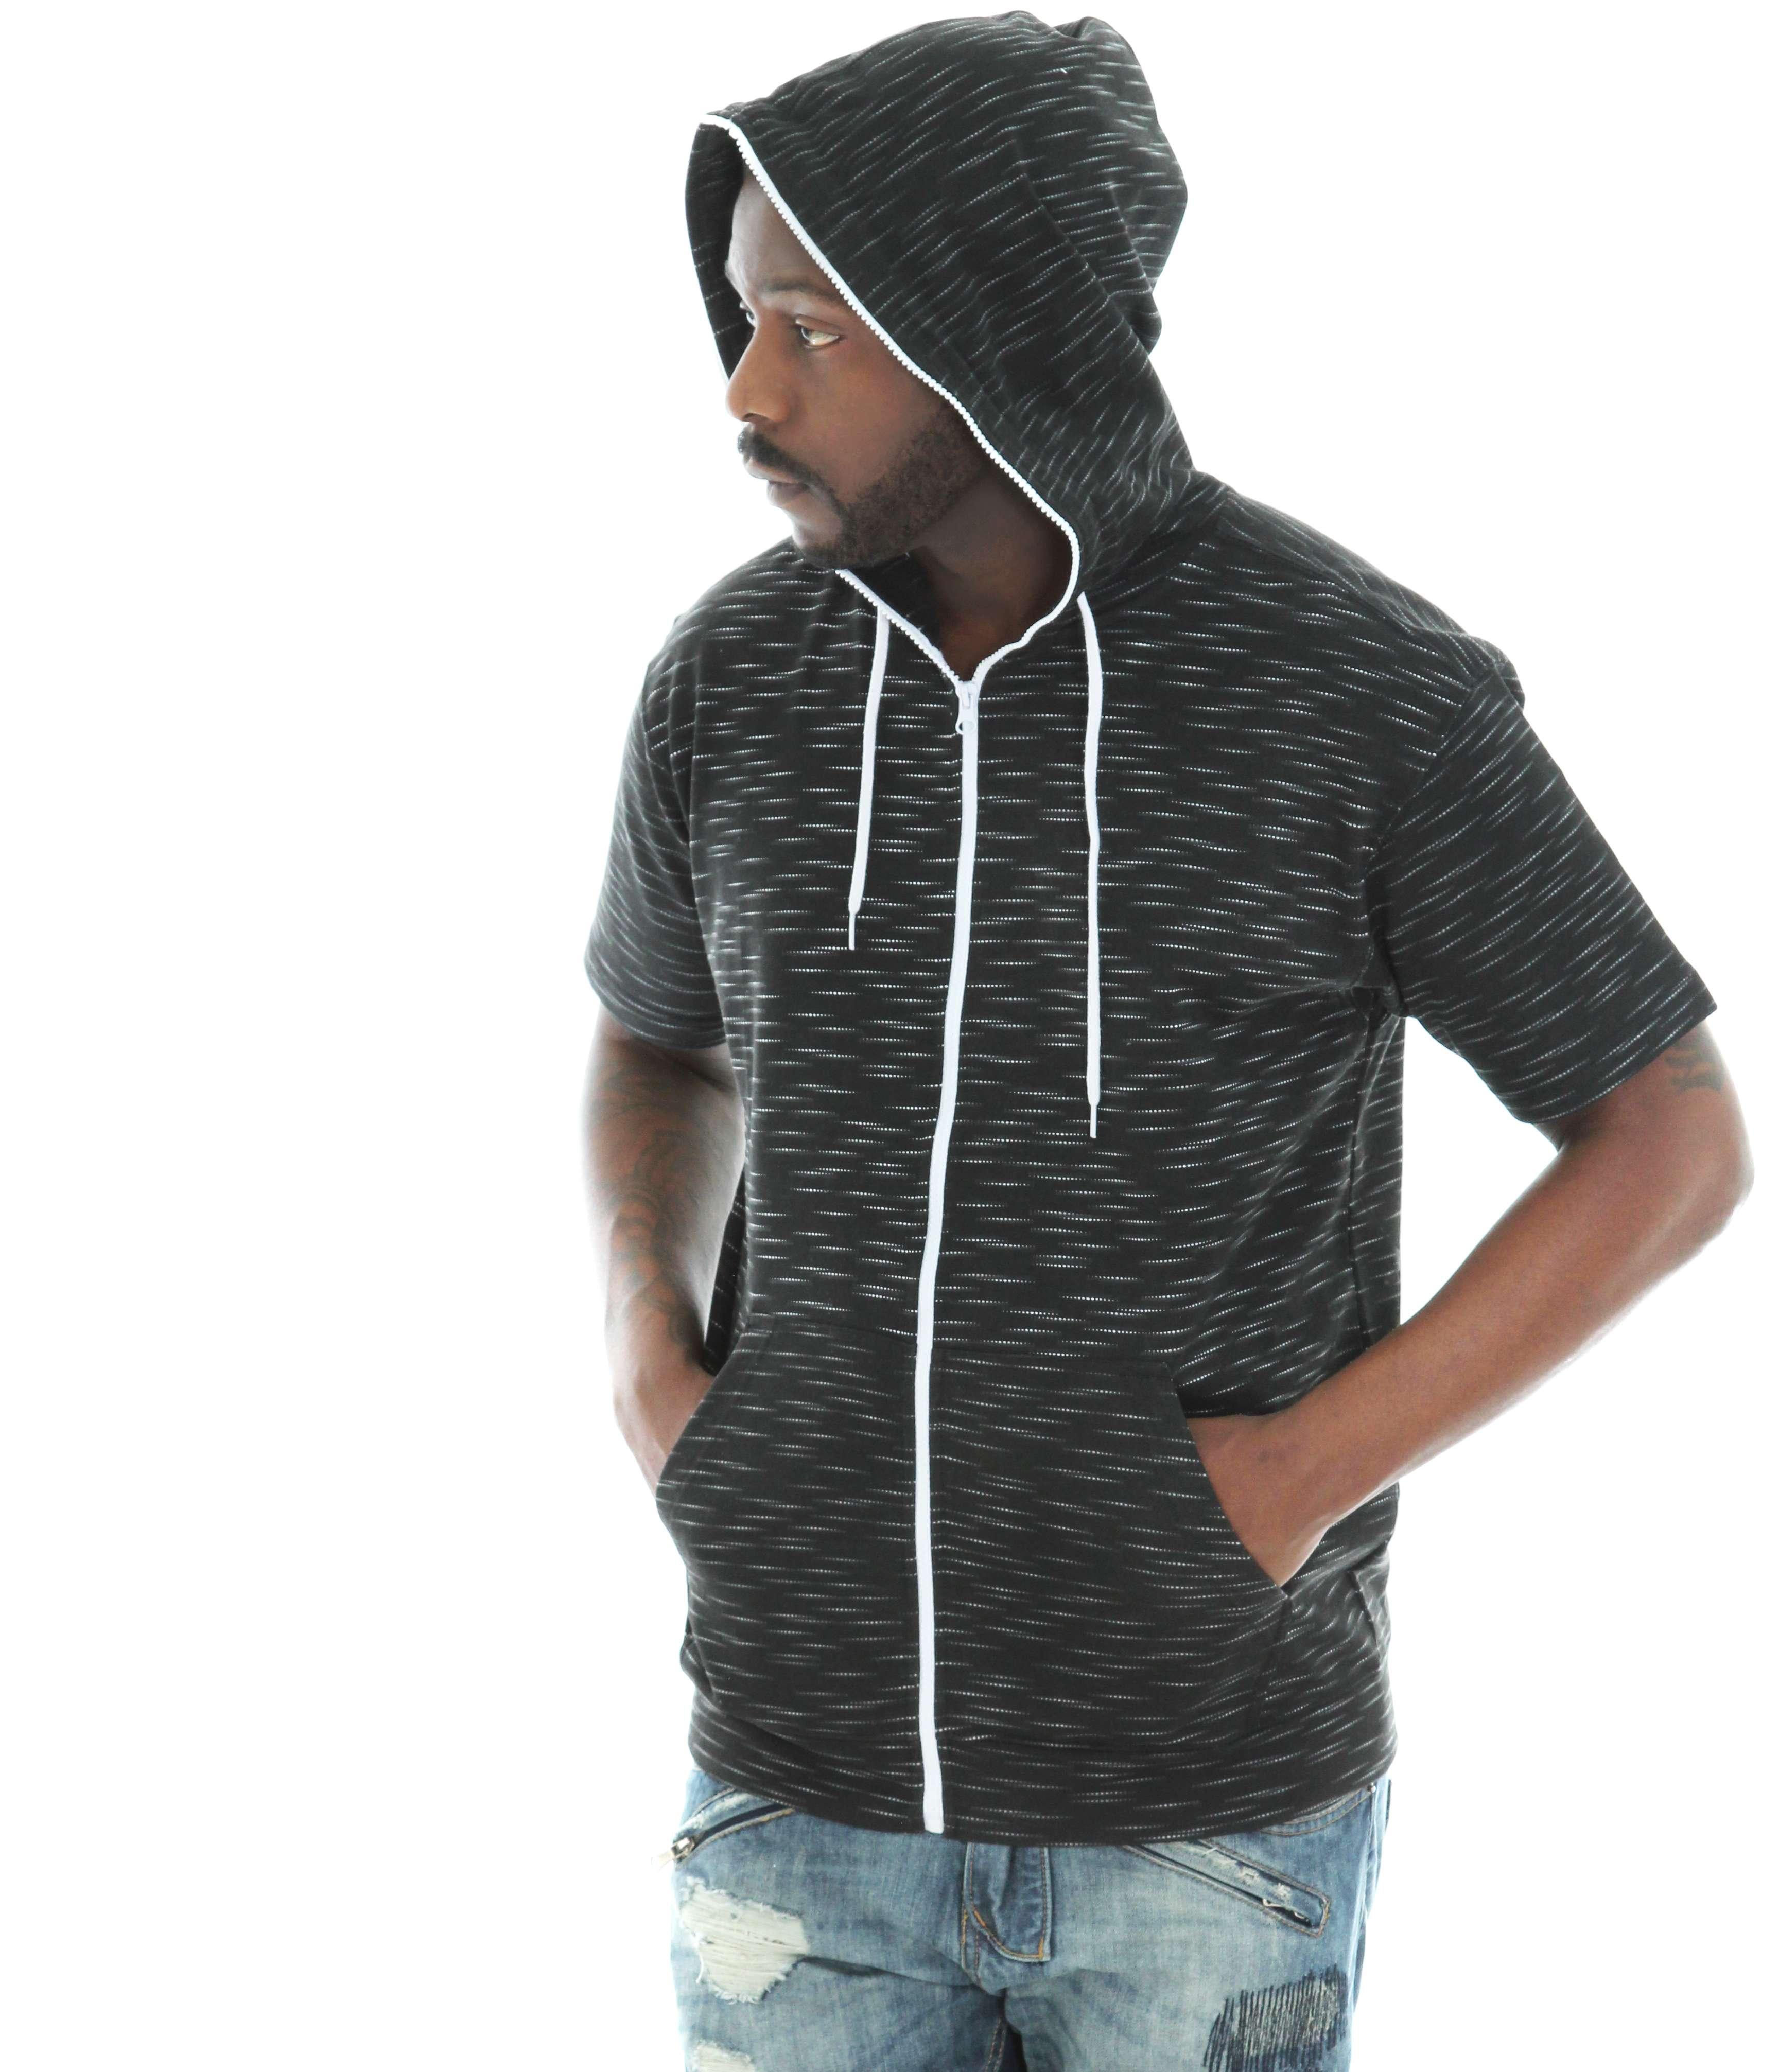 Zip all the way up hoodies